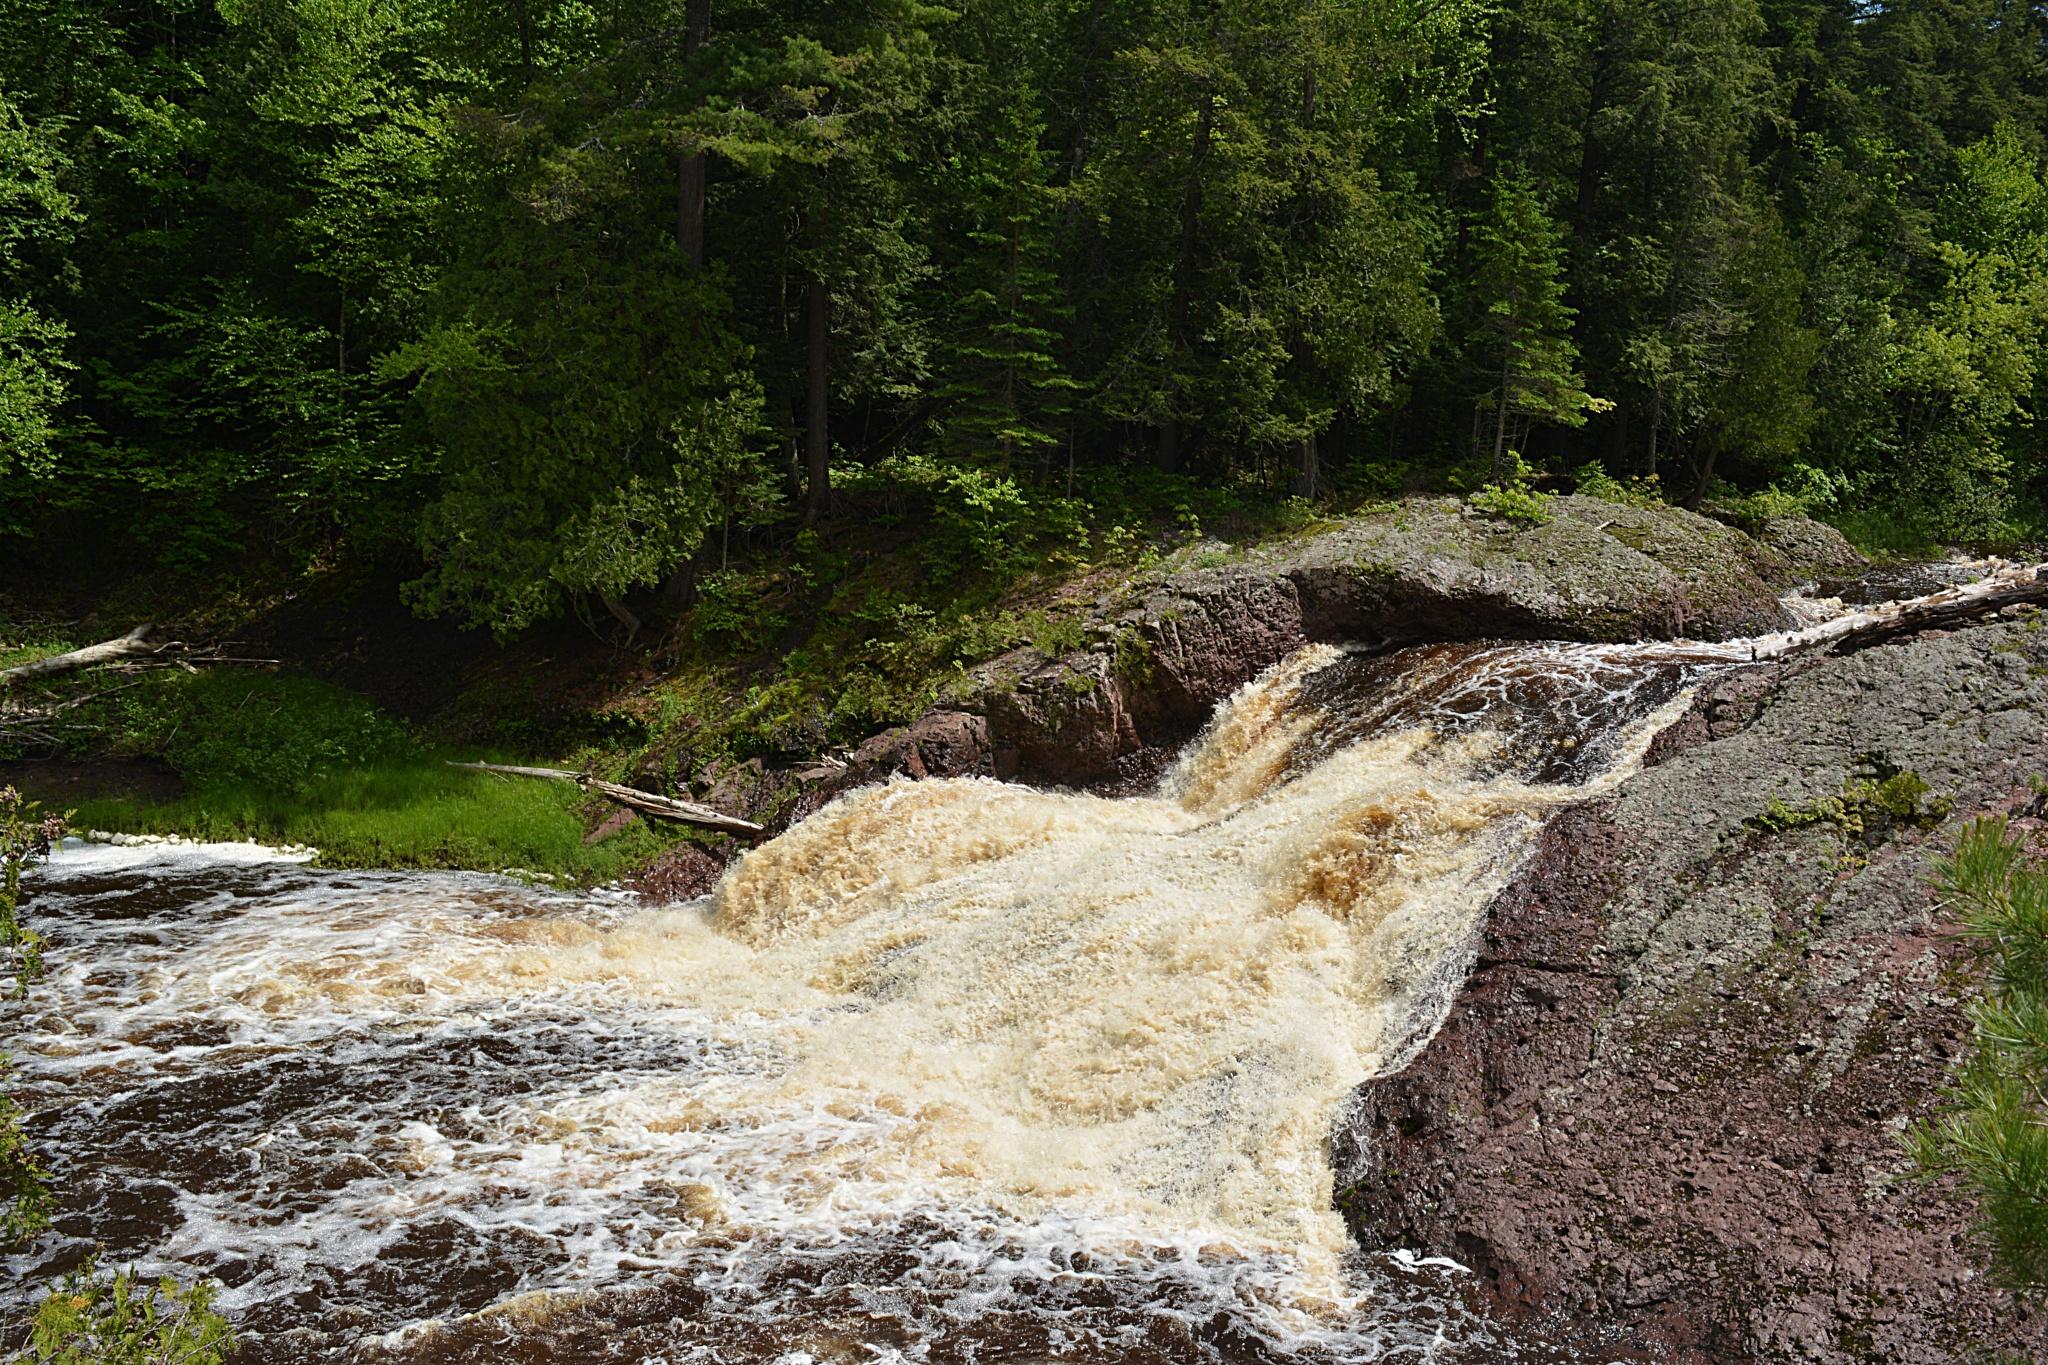 Waterfalls on the Black River by Gena Koelker